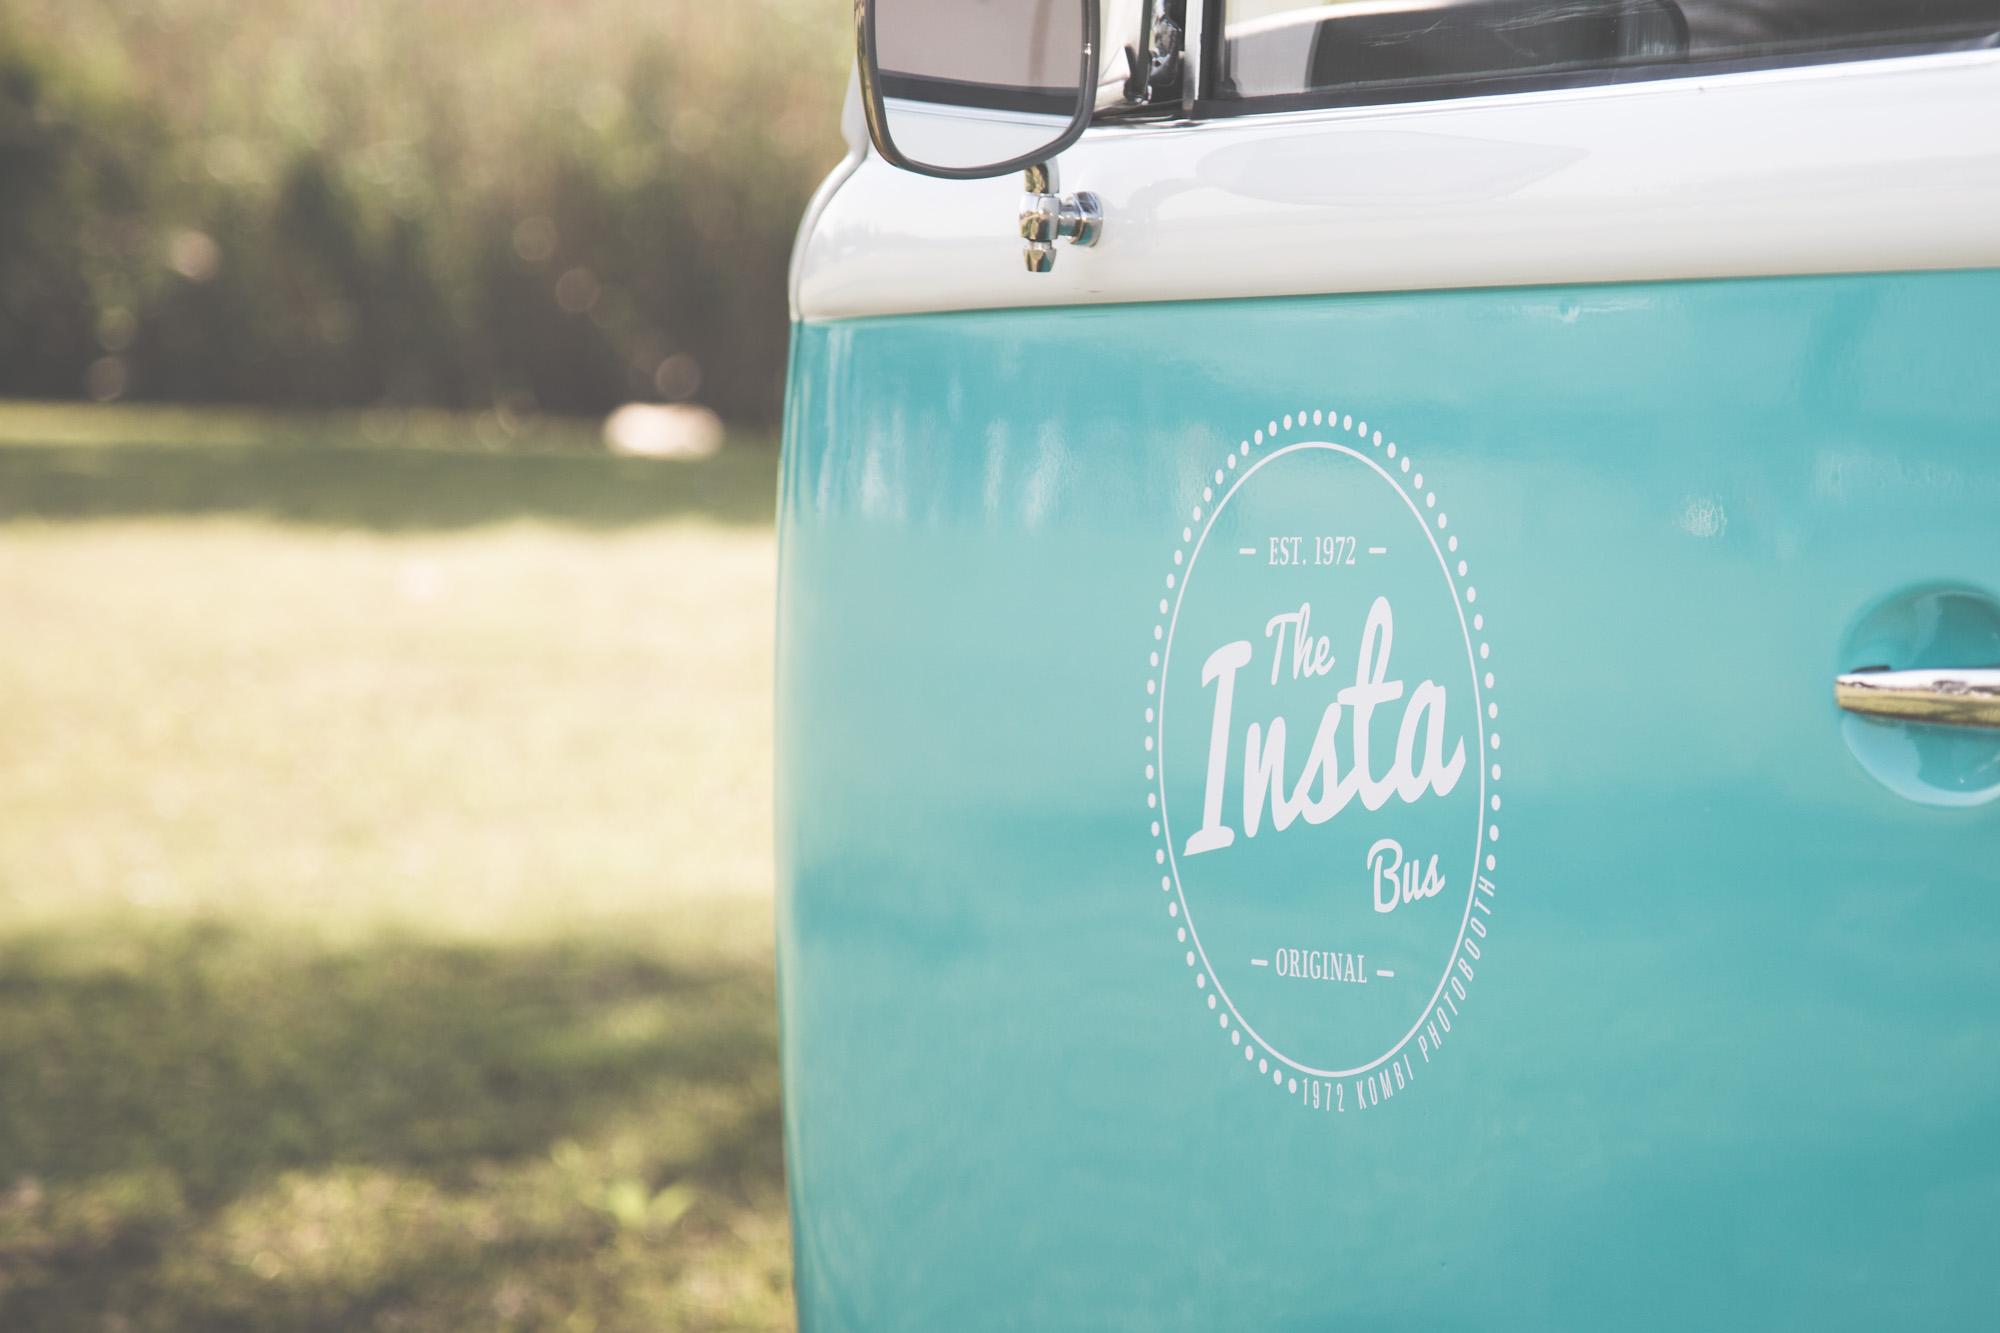 The Insta Bus logo